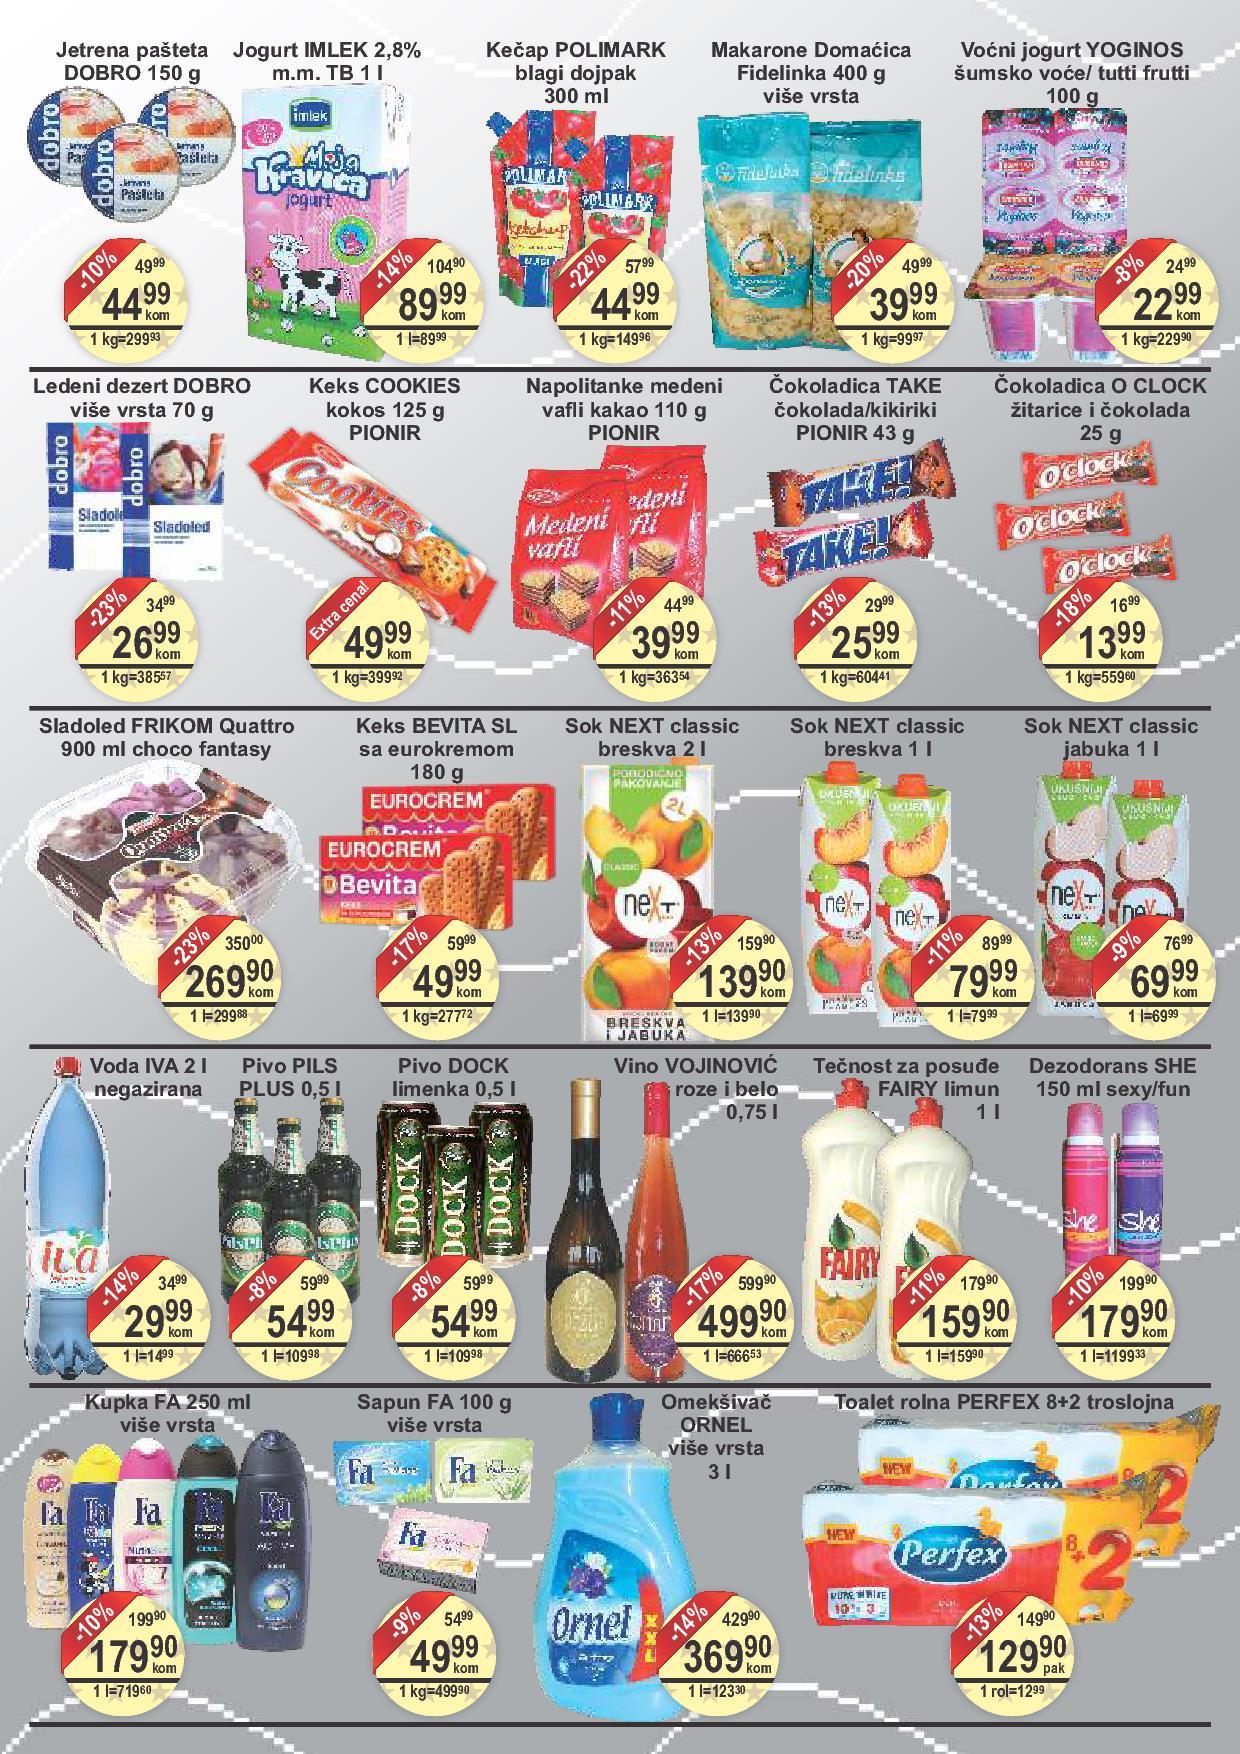 Fortuna market vikend super cena